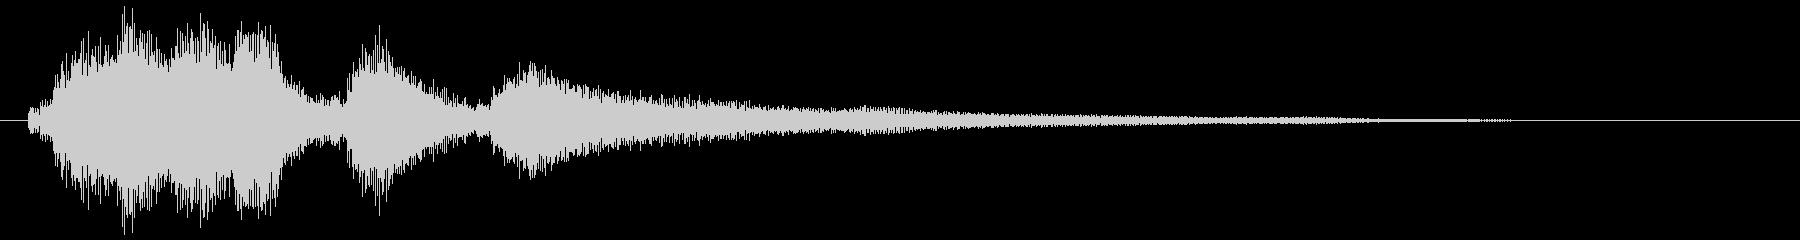 穏やかな音色のギターサウンドロゴの未再生の波形